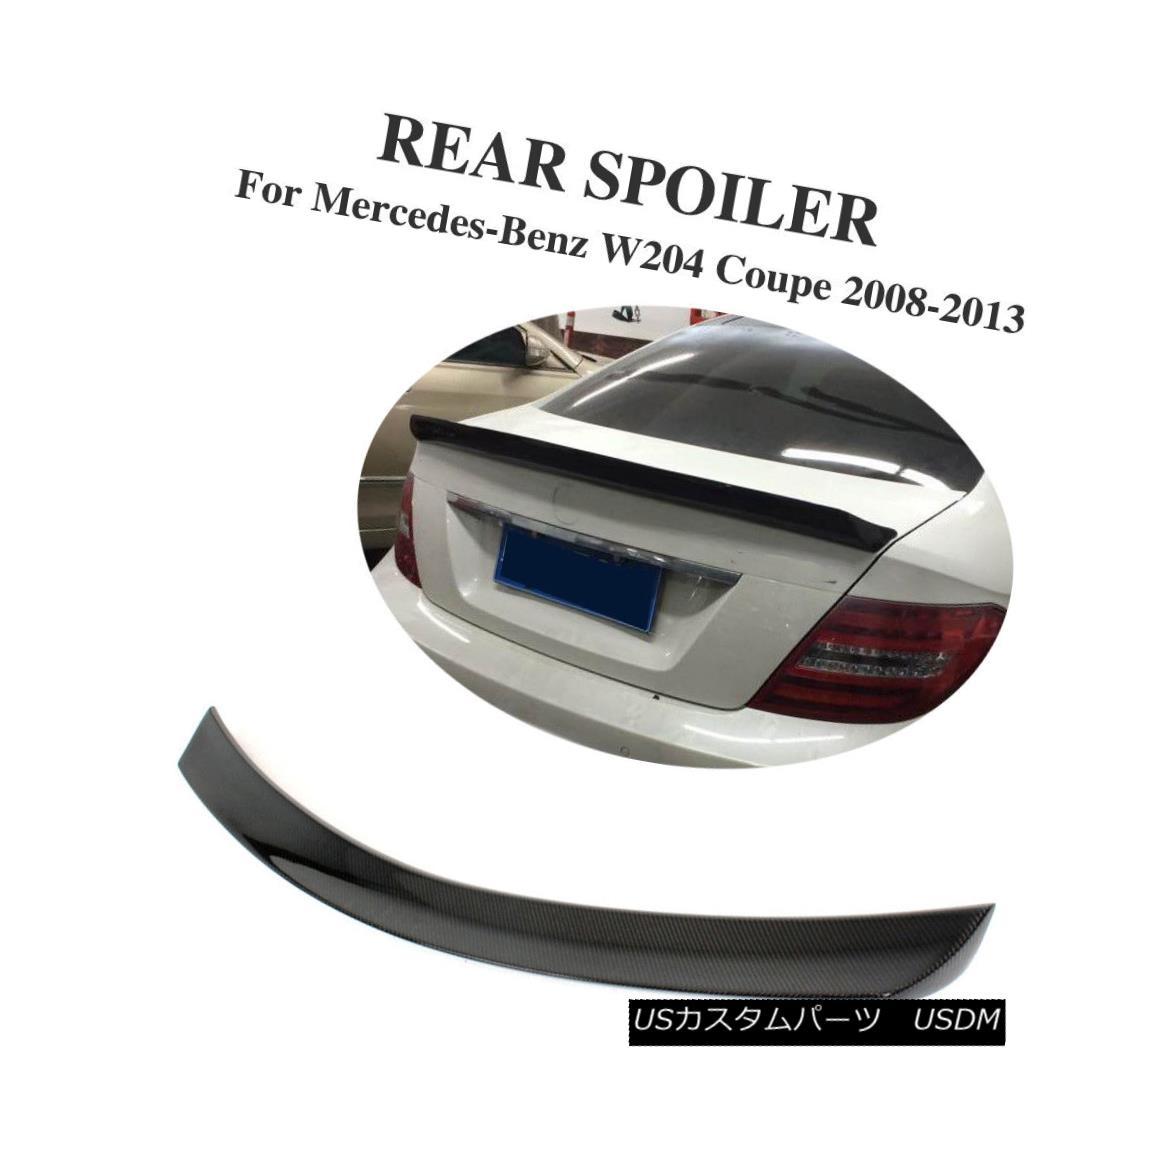 エアロパーツ Carbon Fiber Rear Boot Lip Spoiler Wings Fit for Mercedes Benz W204 Coupe 12-15 メルセデスベンツW204クーペに合うカーボンファイバーリアブーツリップスポイラーウィング12-15